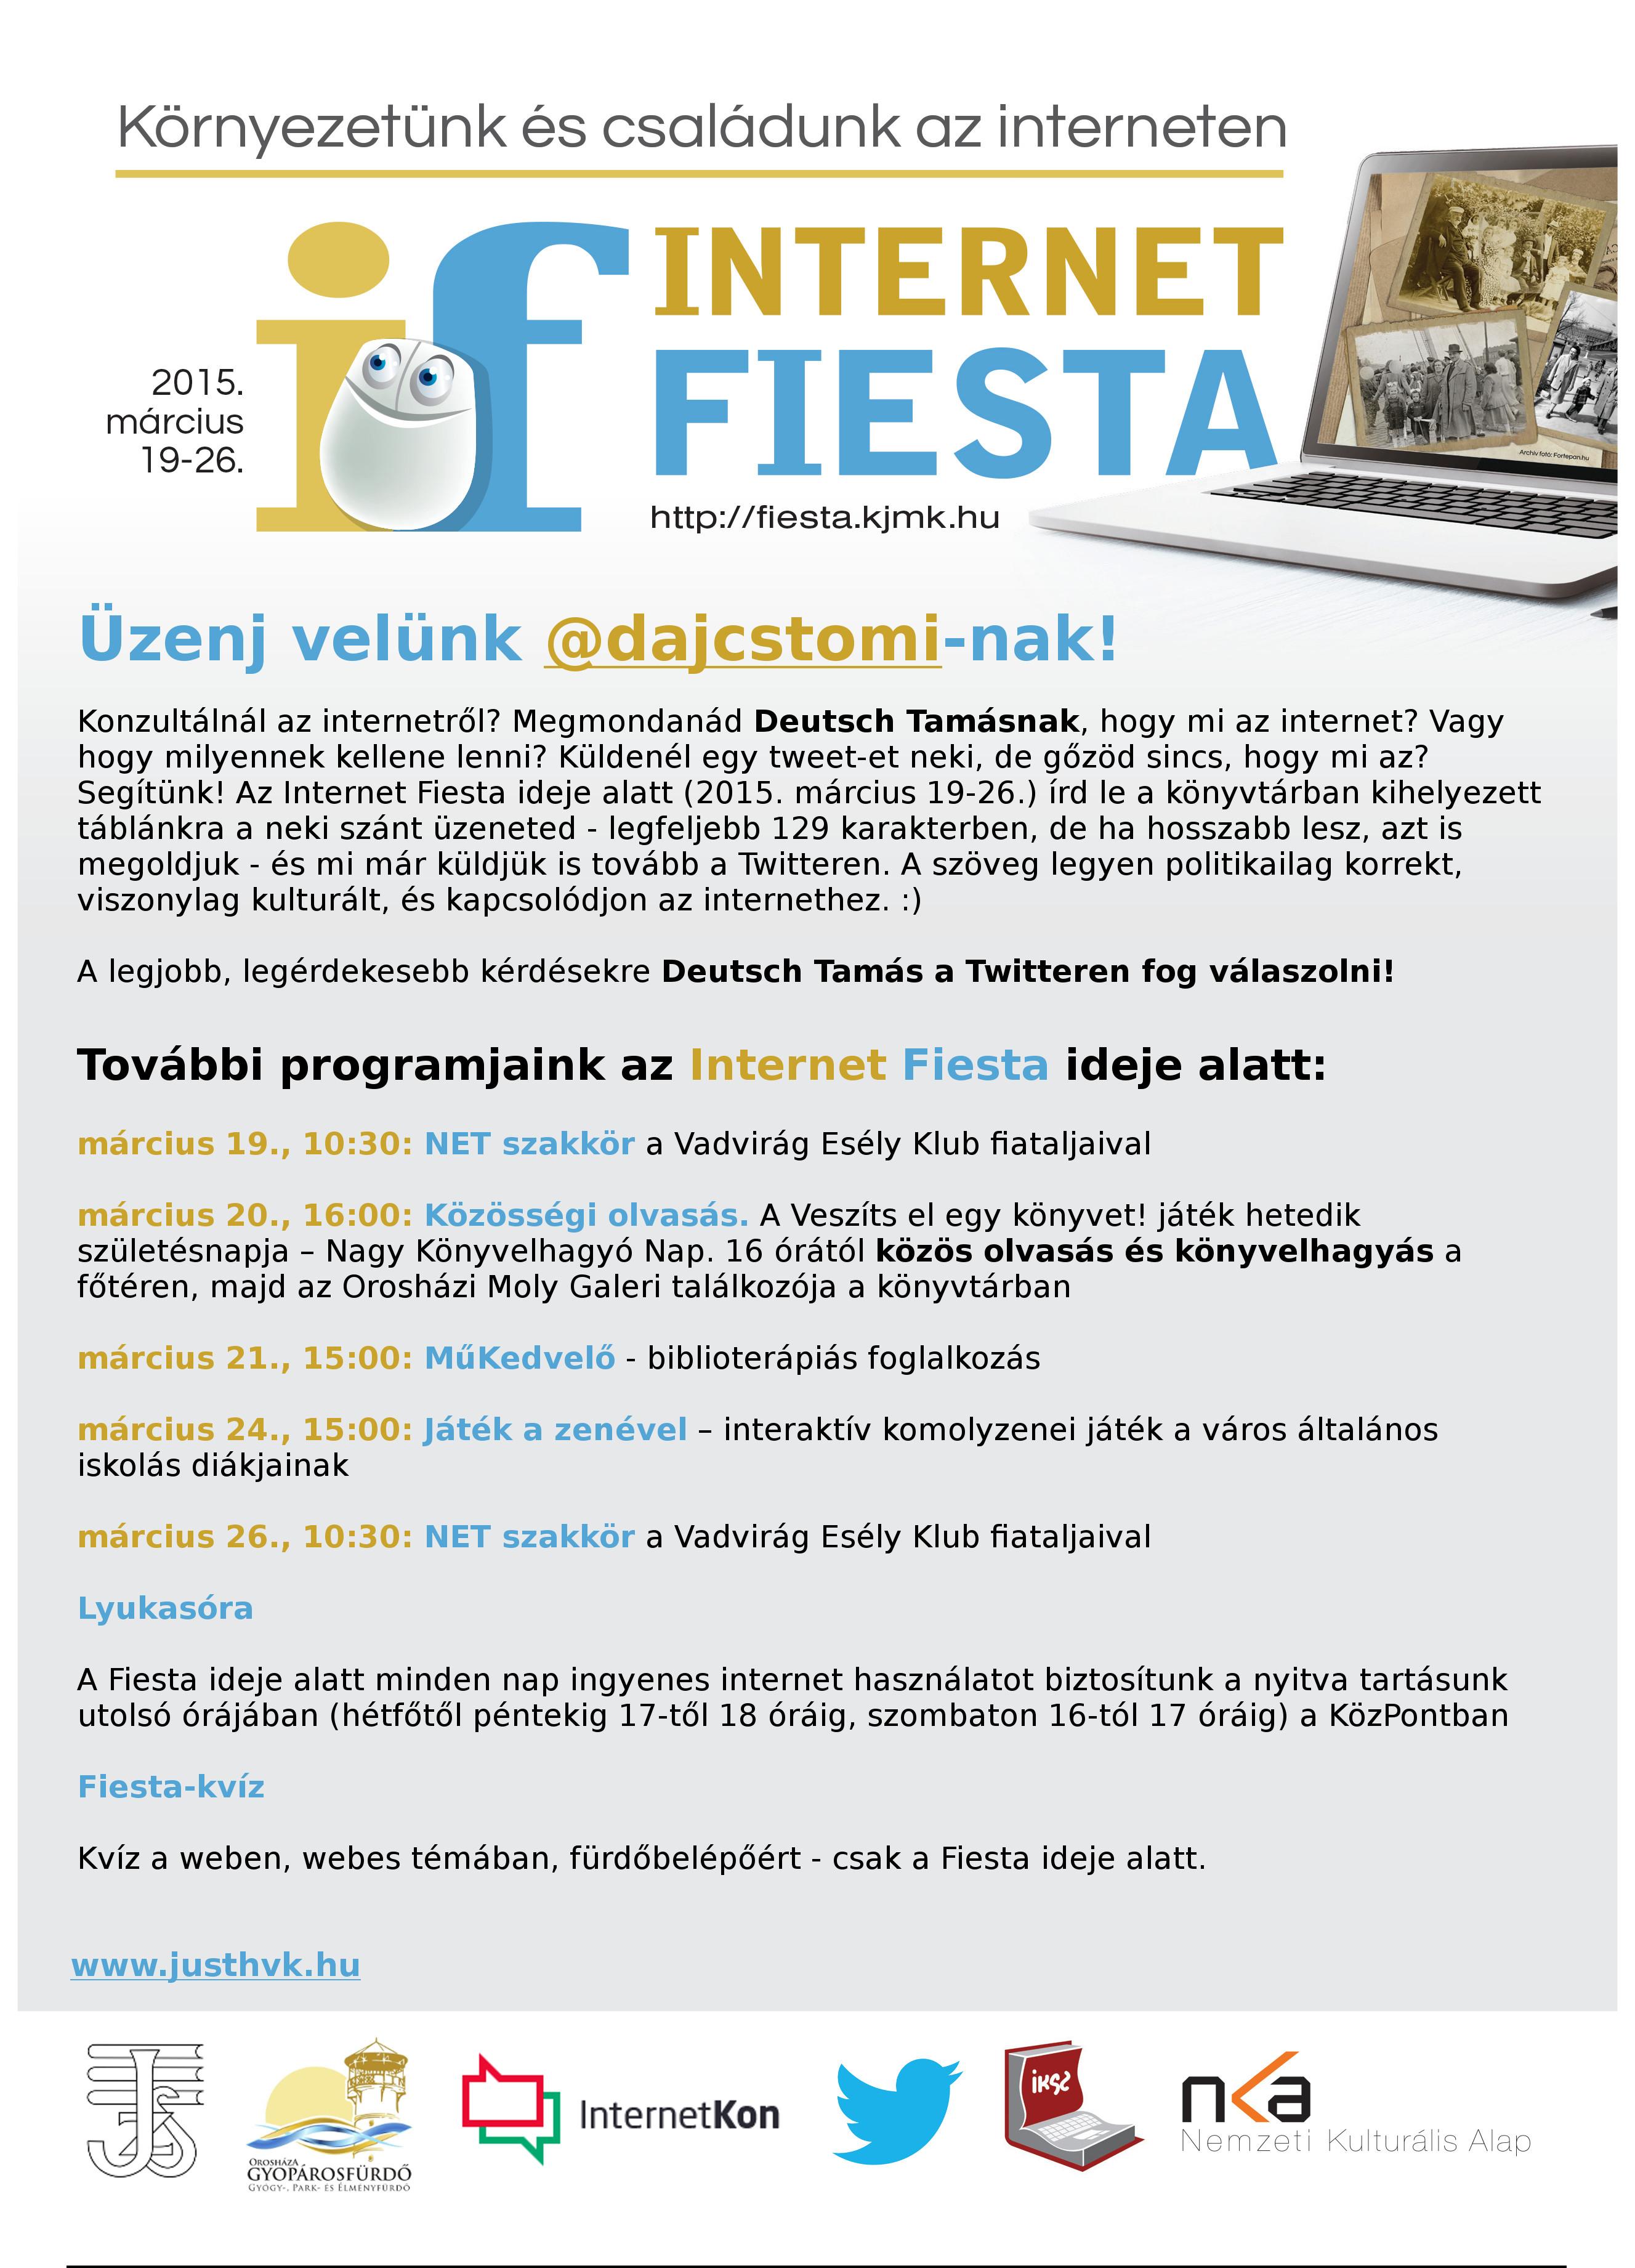 Üzenj velünk @dajcstomi-nak!